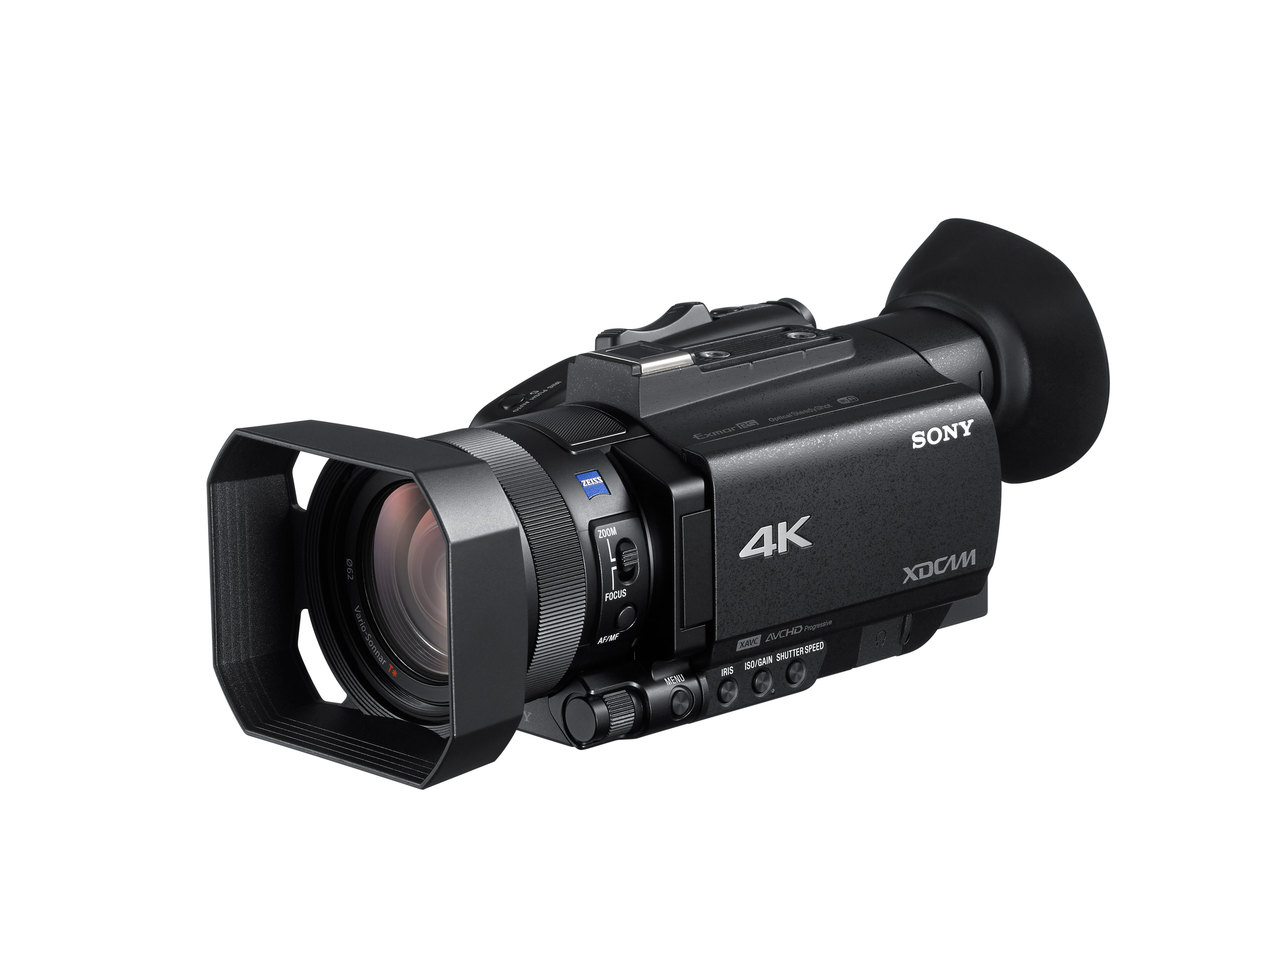 Sony Pxw Z90v Compact 1 Xdcam 4k Camcorder With 3g Sdi Output Bedfords Com